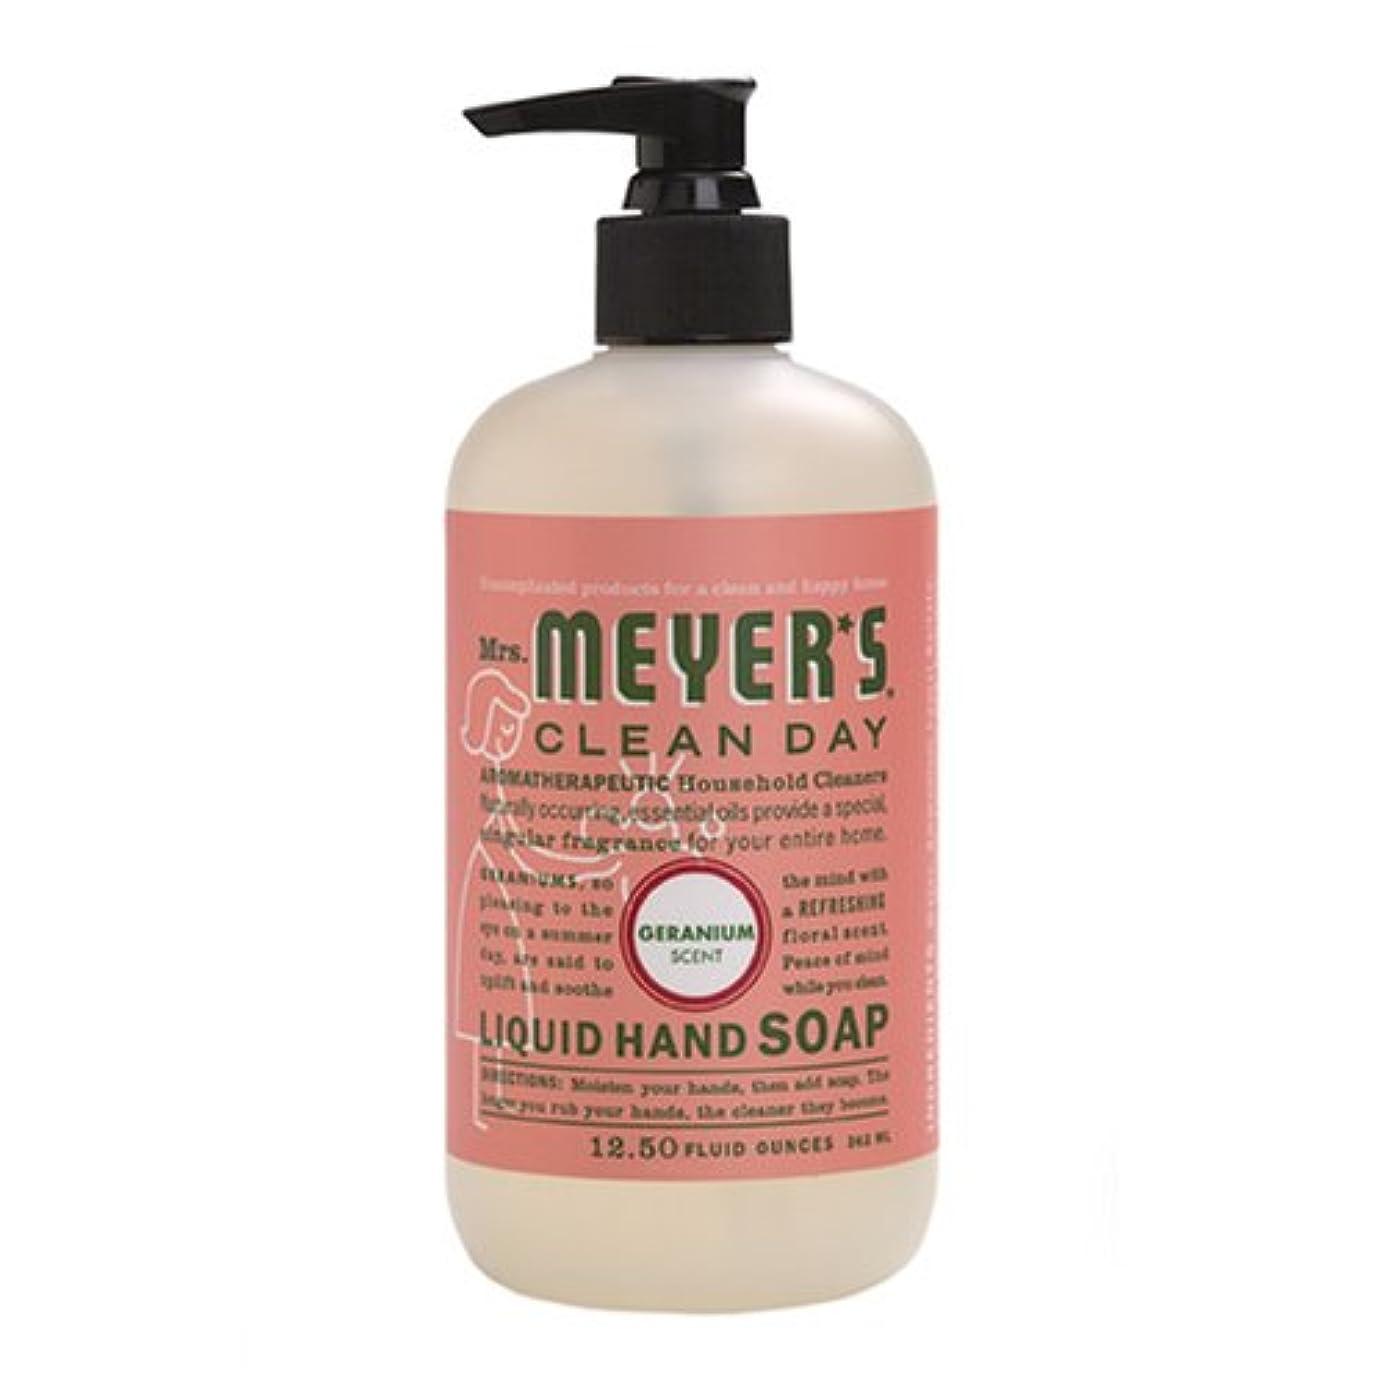 酔うインレイ変化Mrs. Meyers Clean Day, Liquid Hand Soap, Geranium Scent, 12.5 fl oz (370 ml)